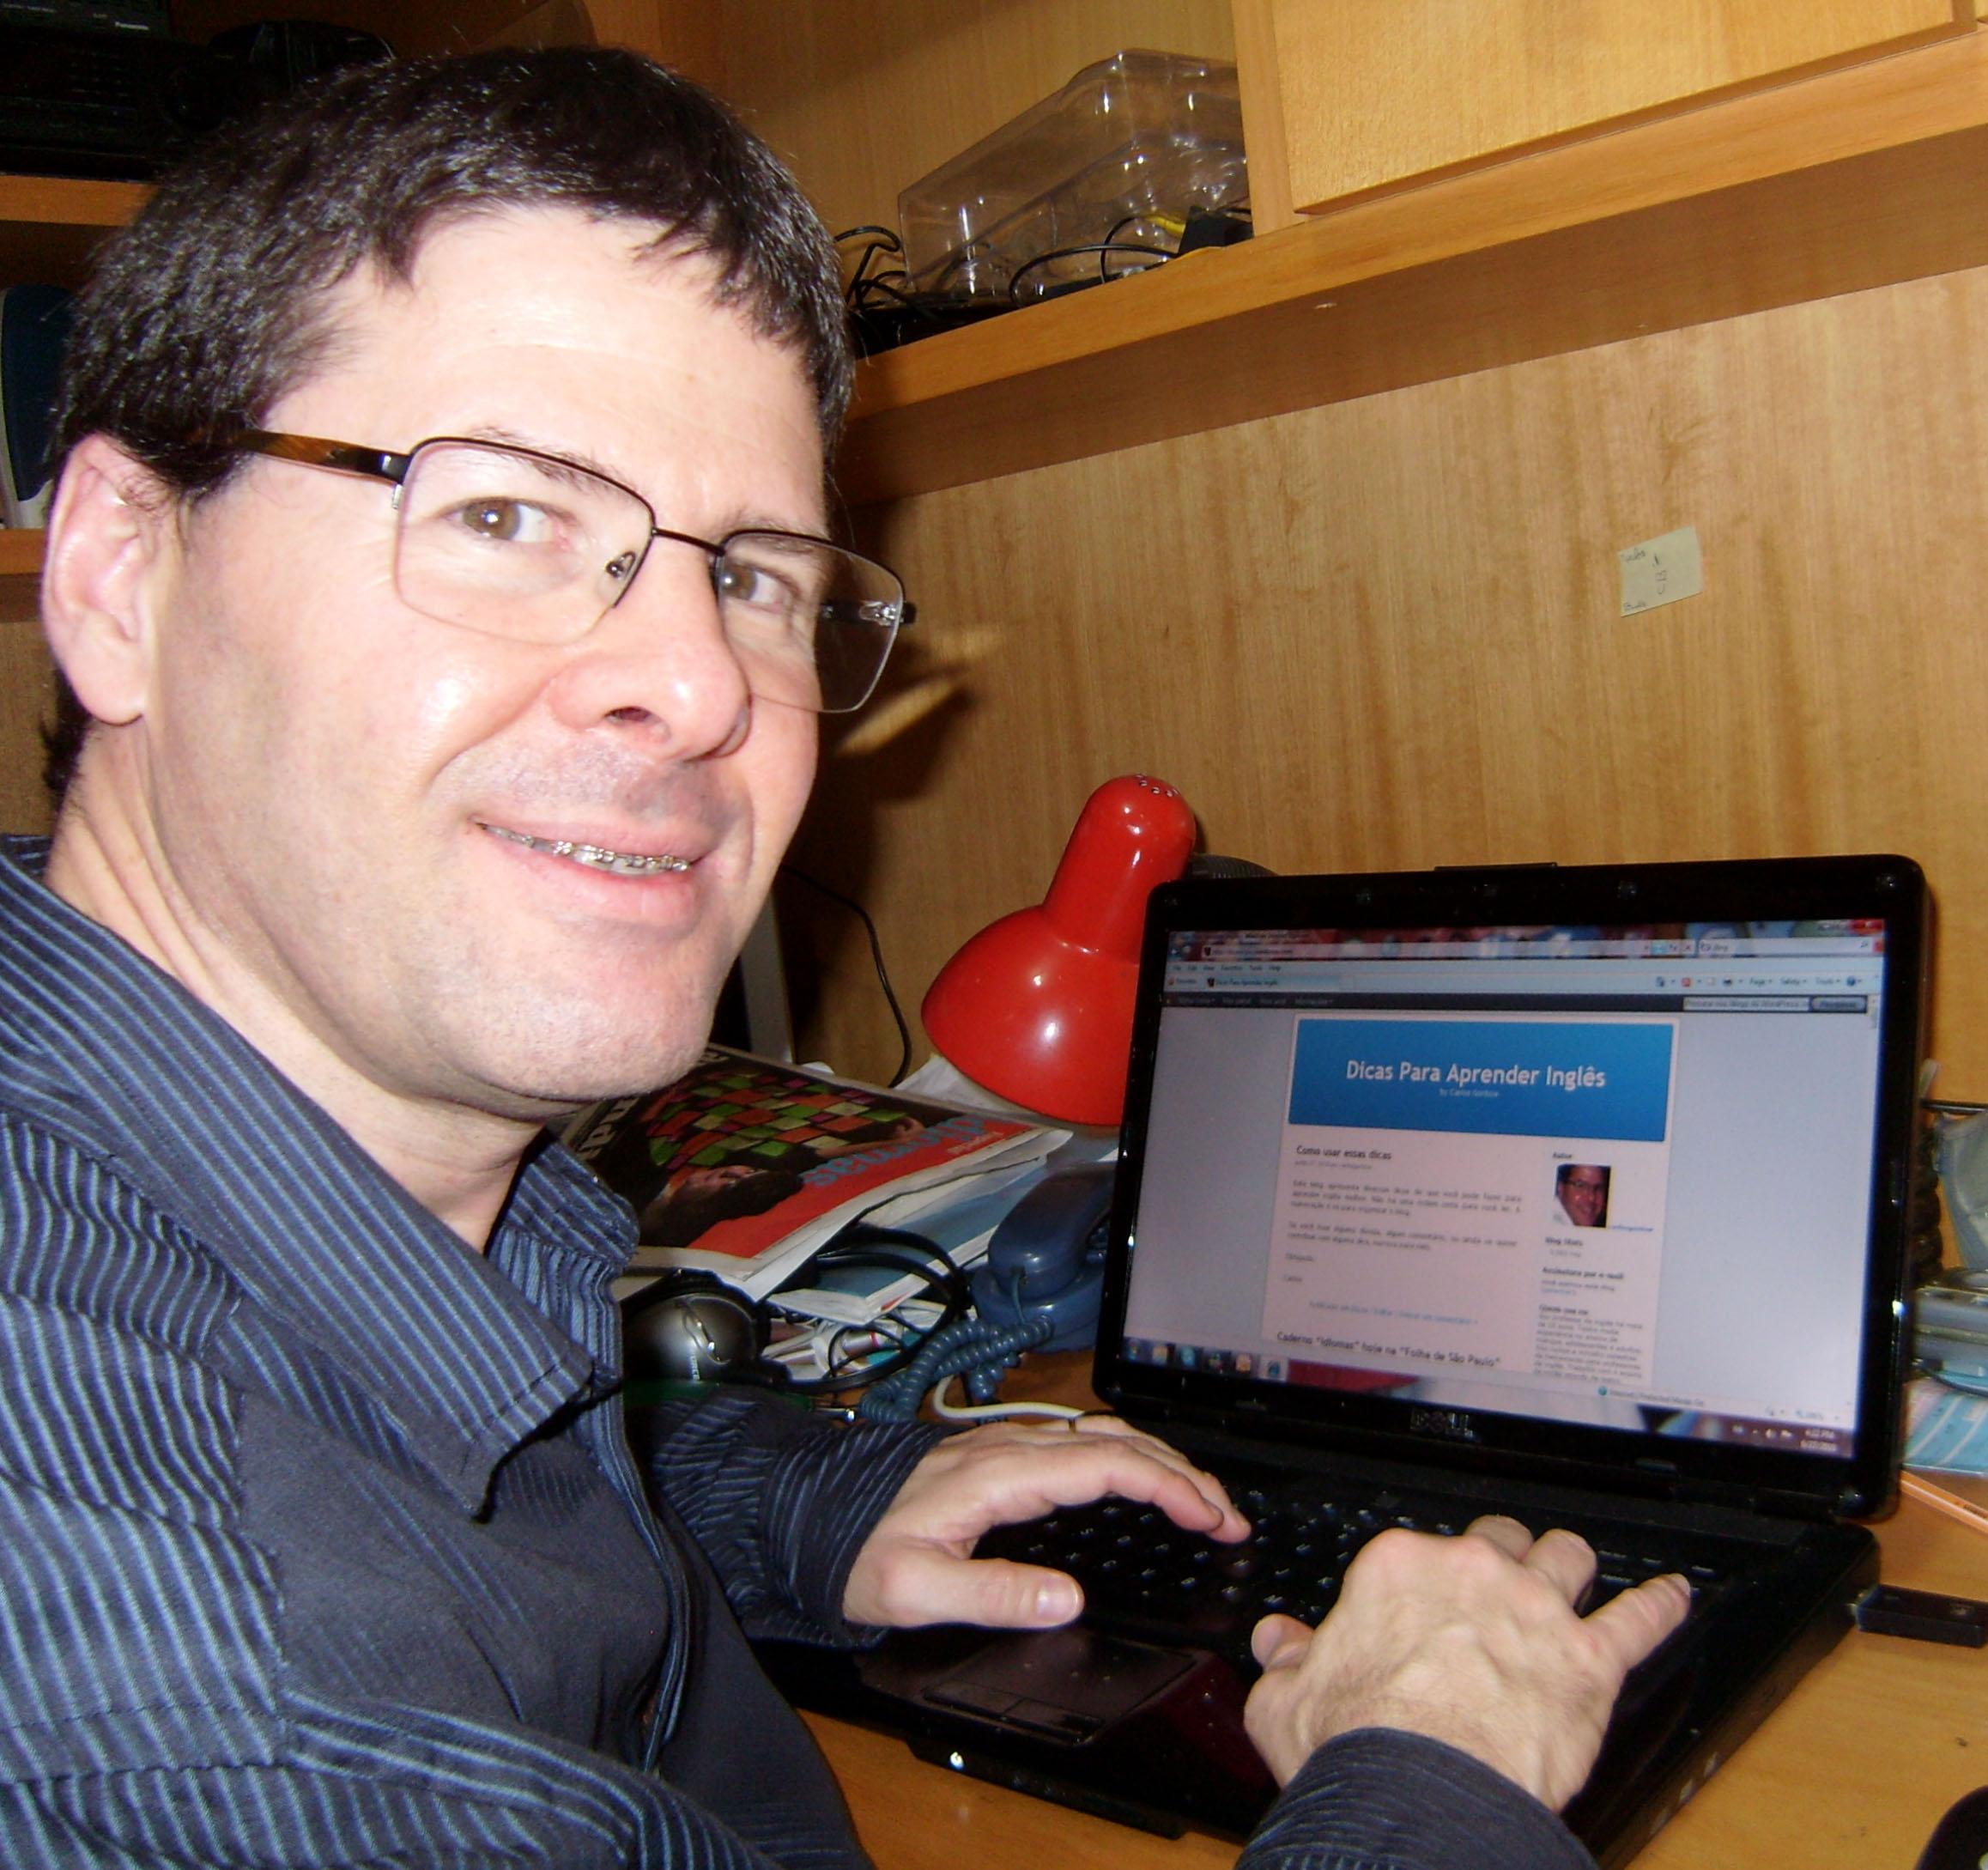 Carlos-Gontow-autor-do-blog-e-do-livro11